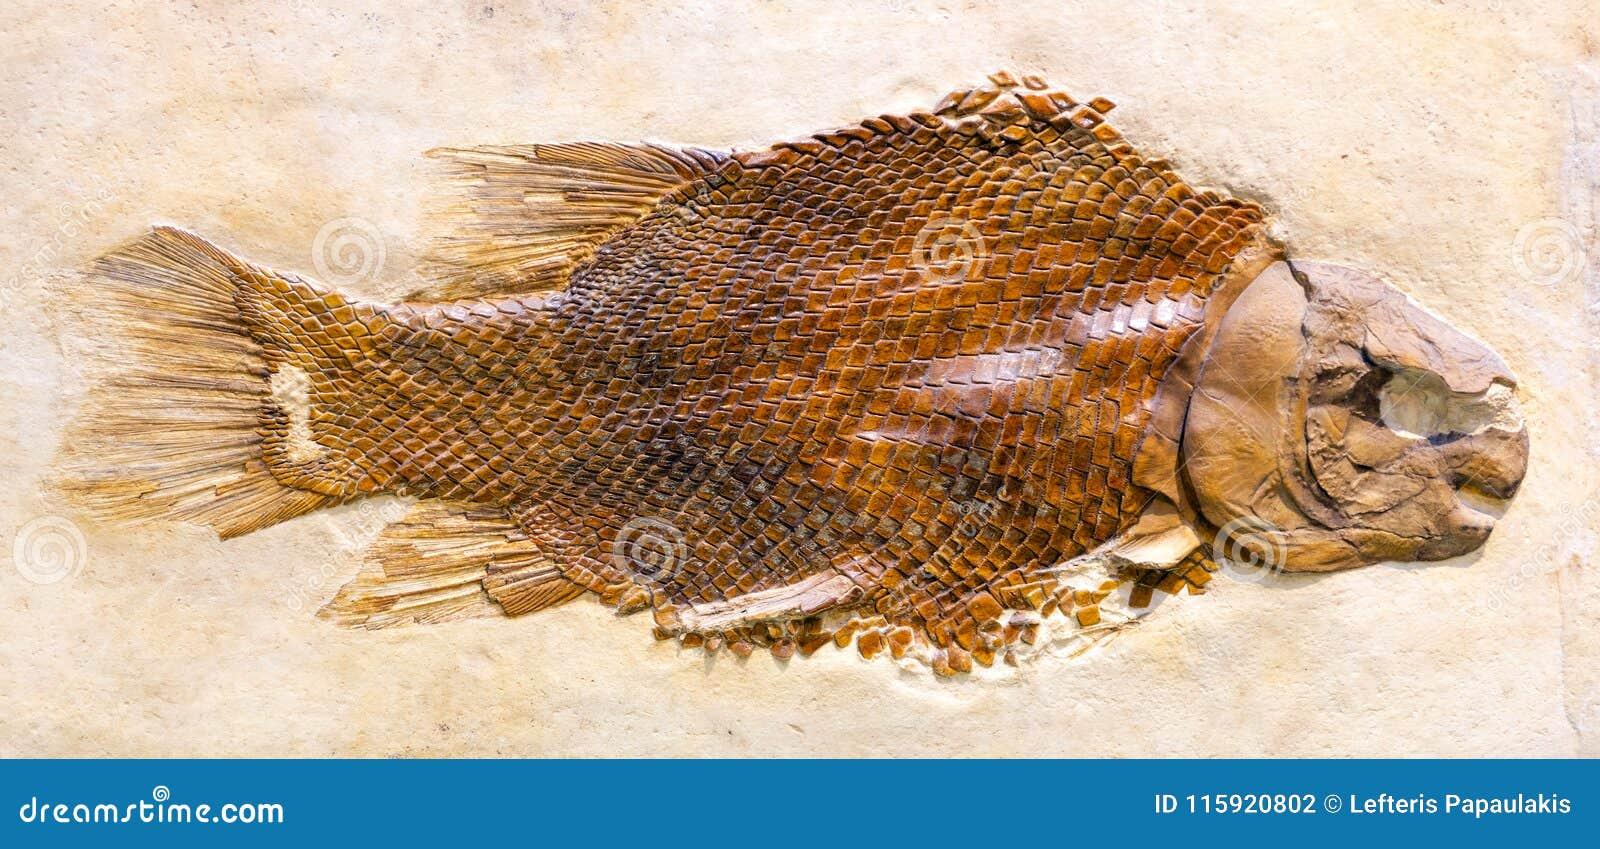 Απολίθωμα Lepidotes Maximus, ένα εκλείψας ψάρι από τη ιουρασική περίοδο